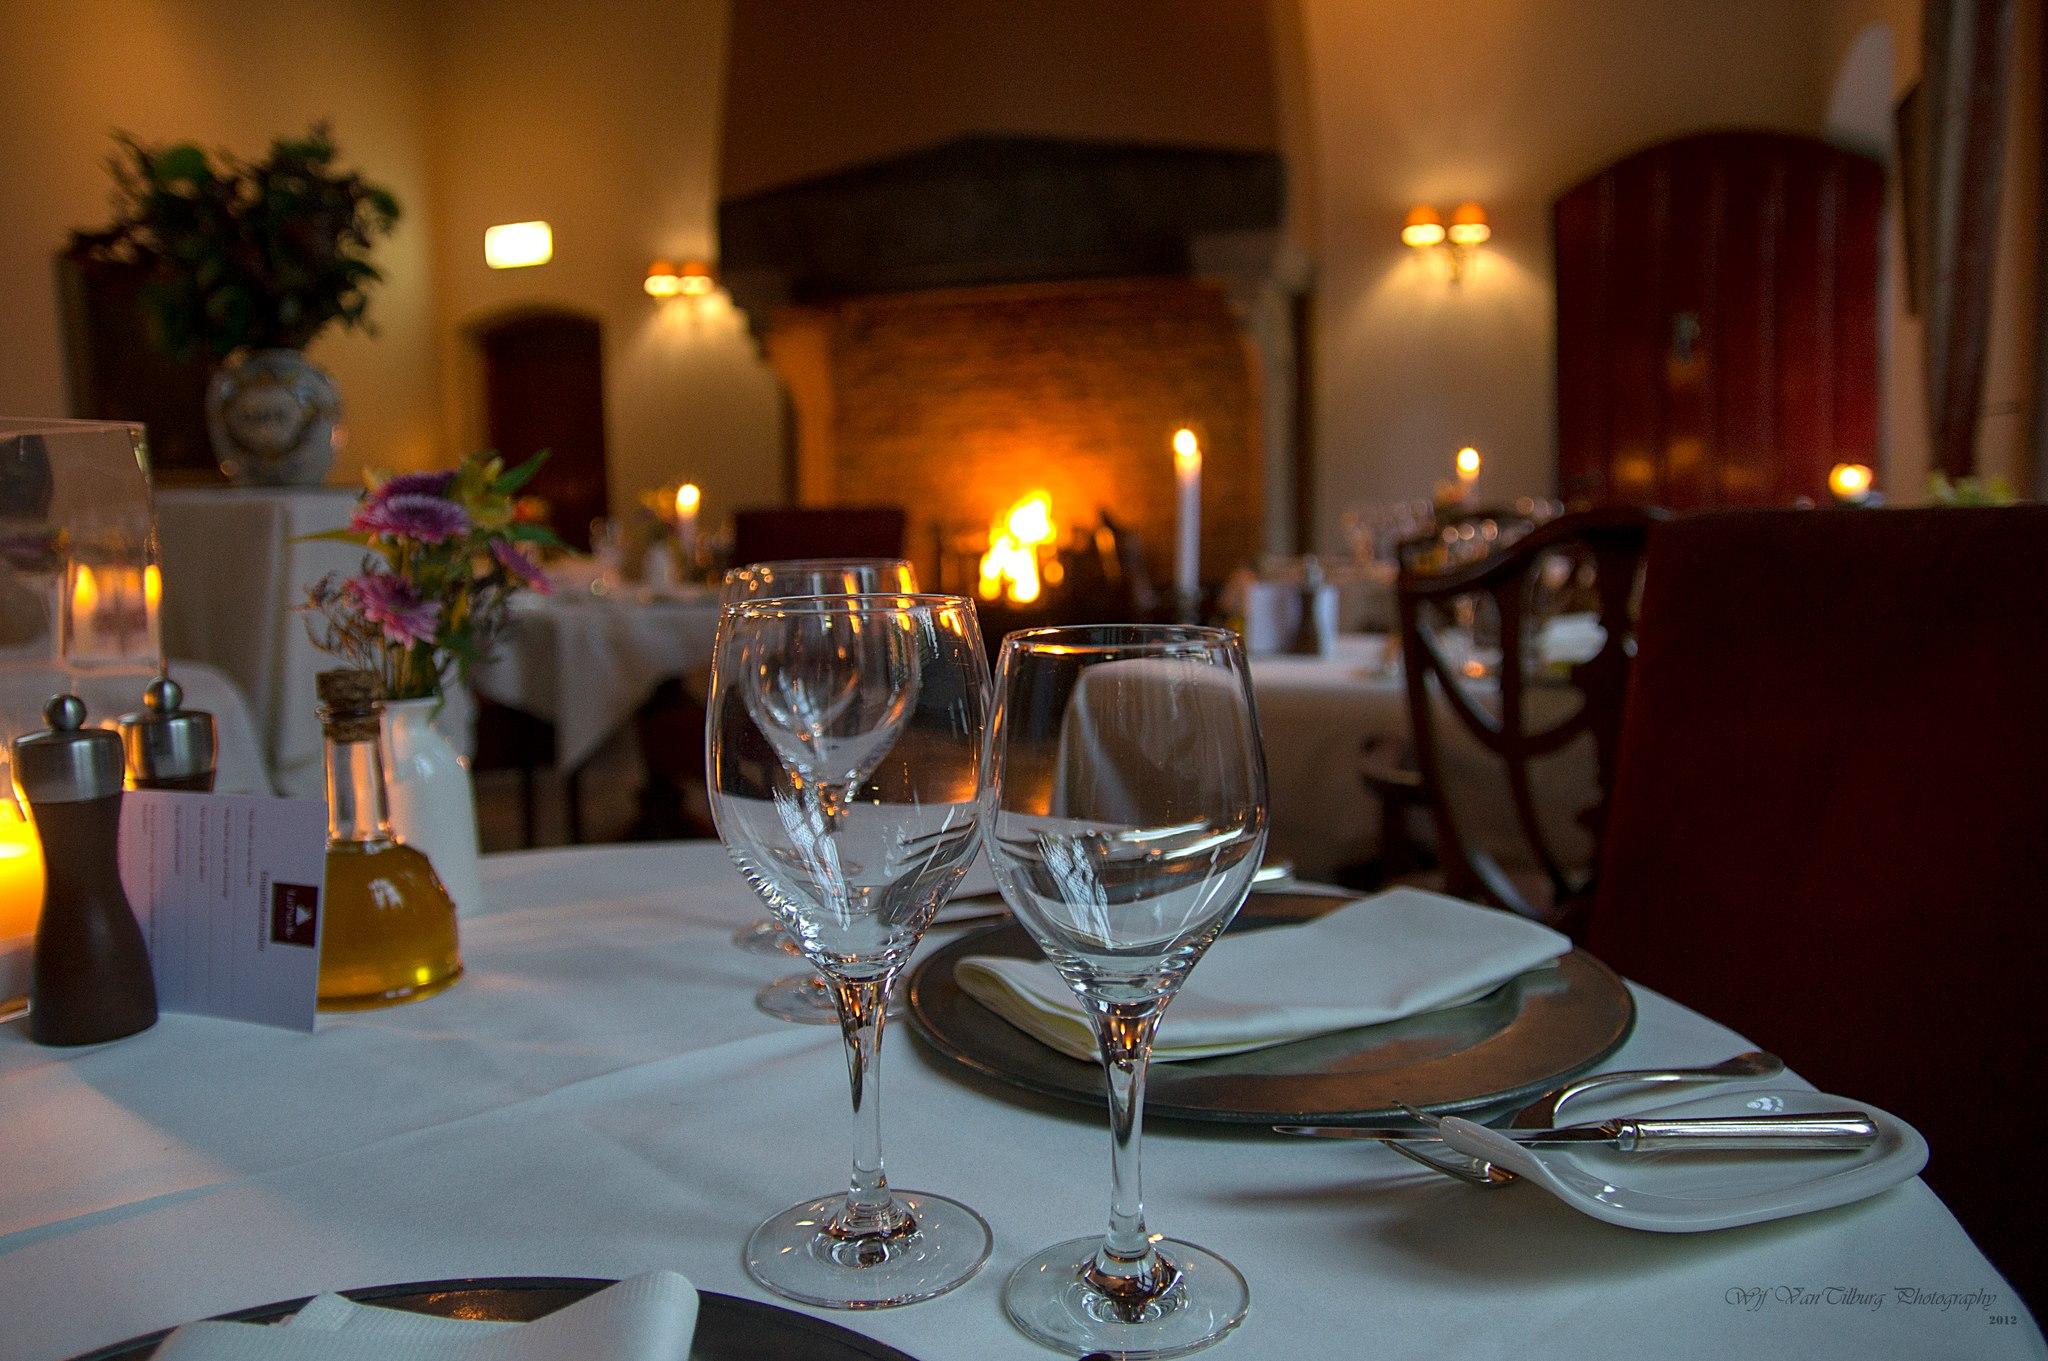 Dineren in het 15e eeuwse stadspaleis!